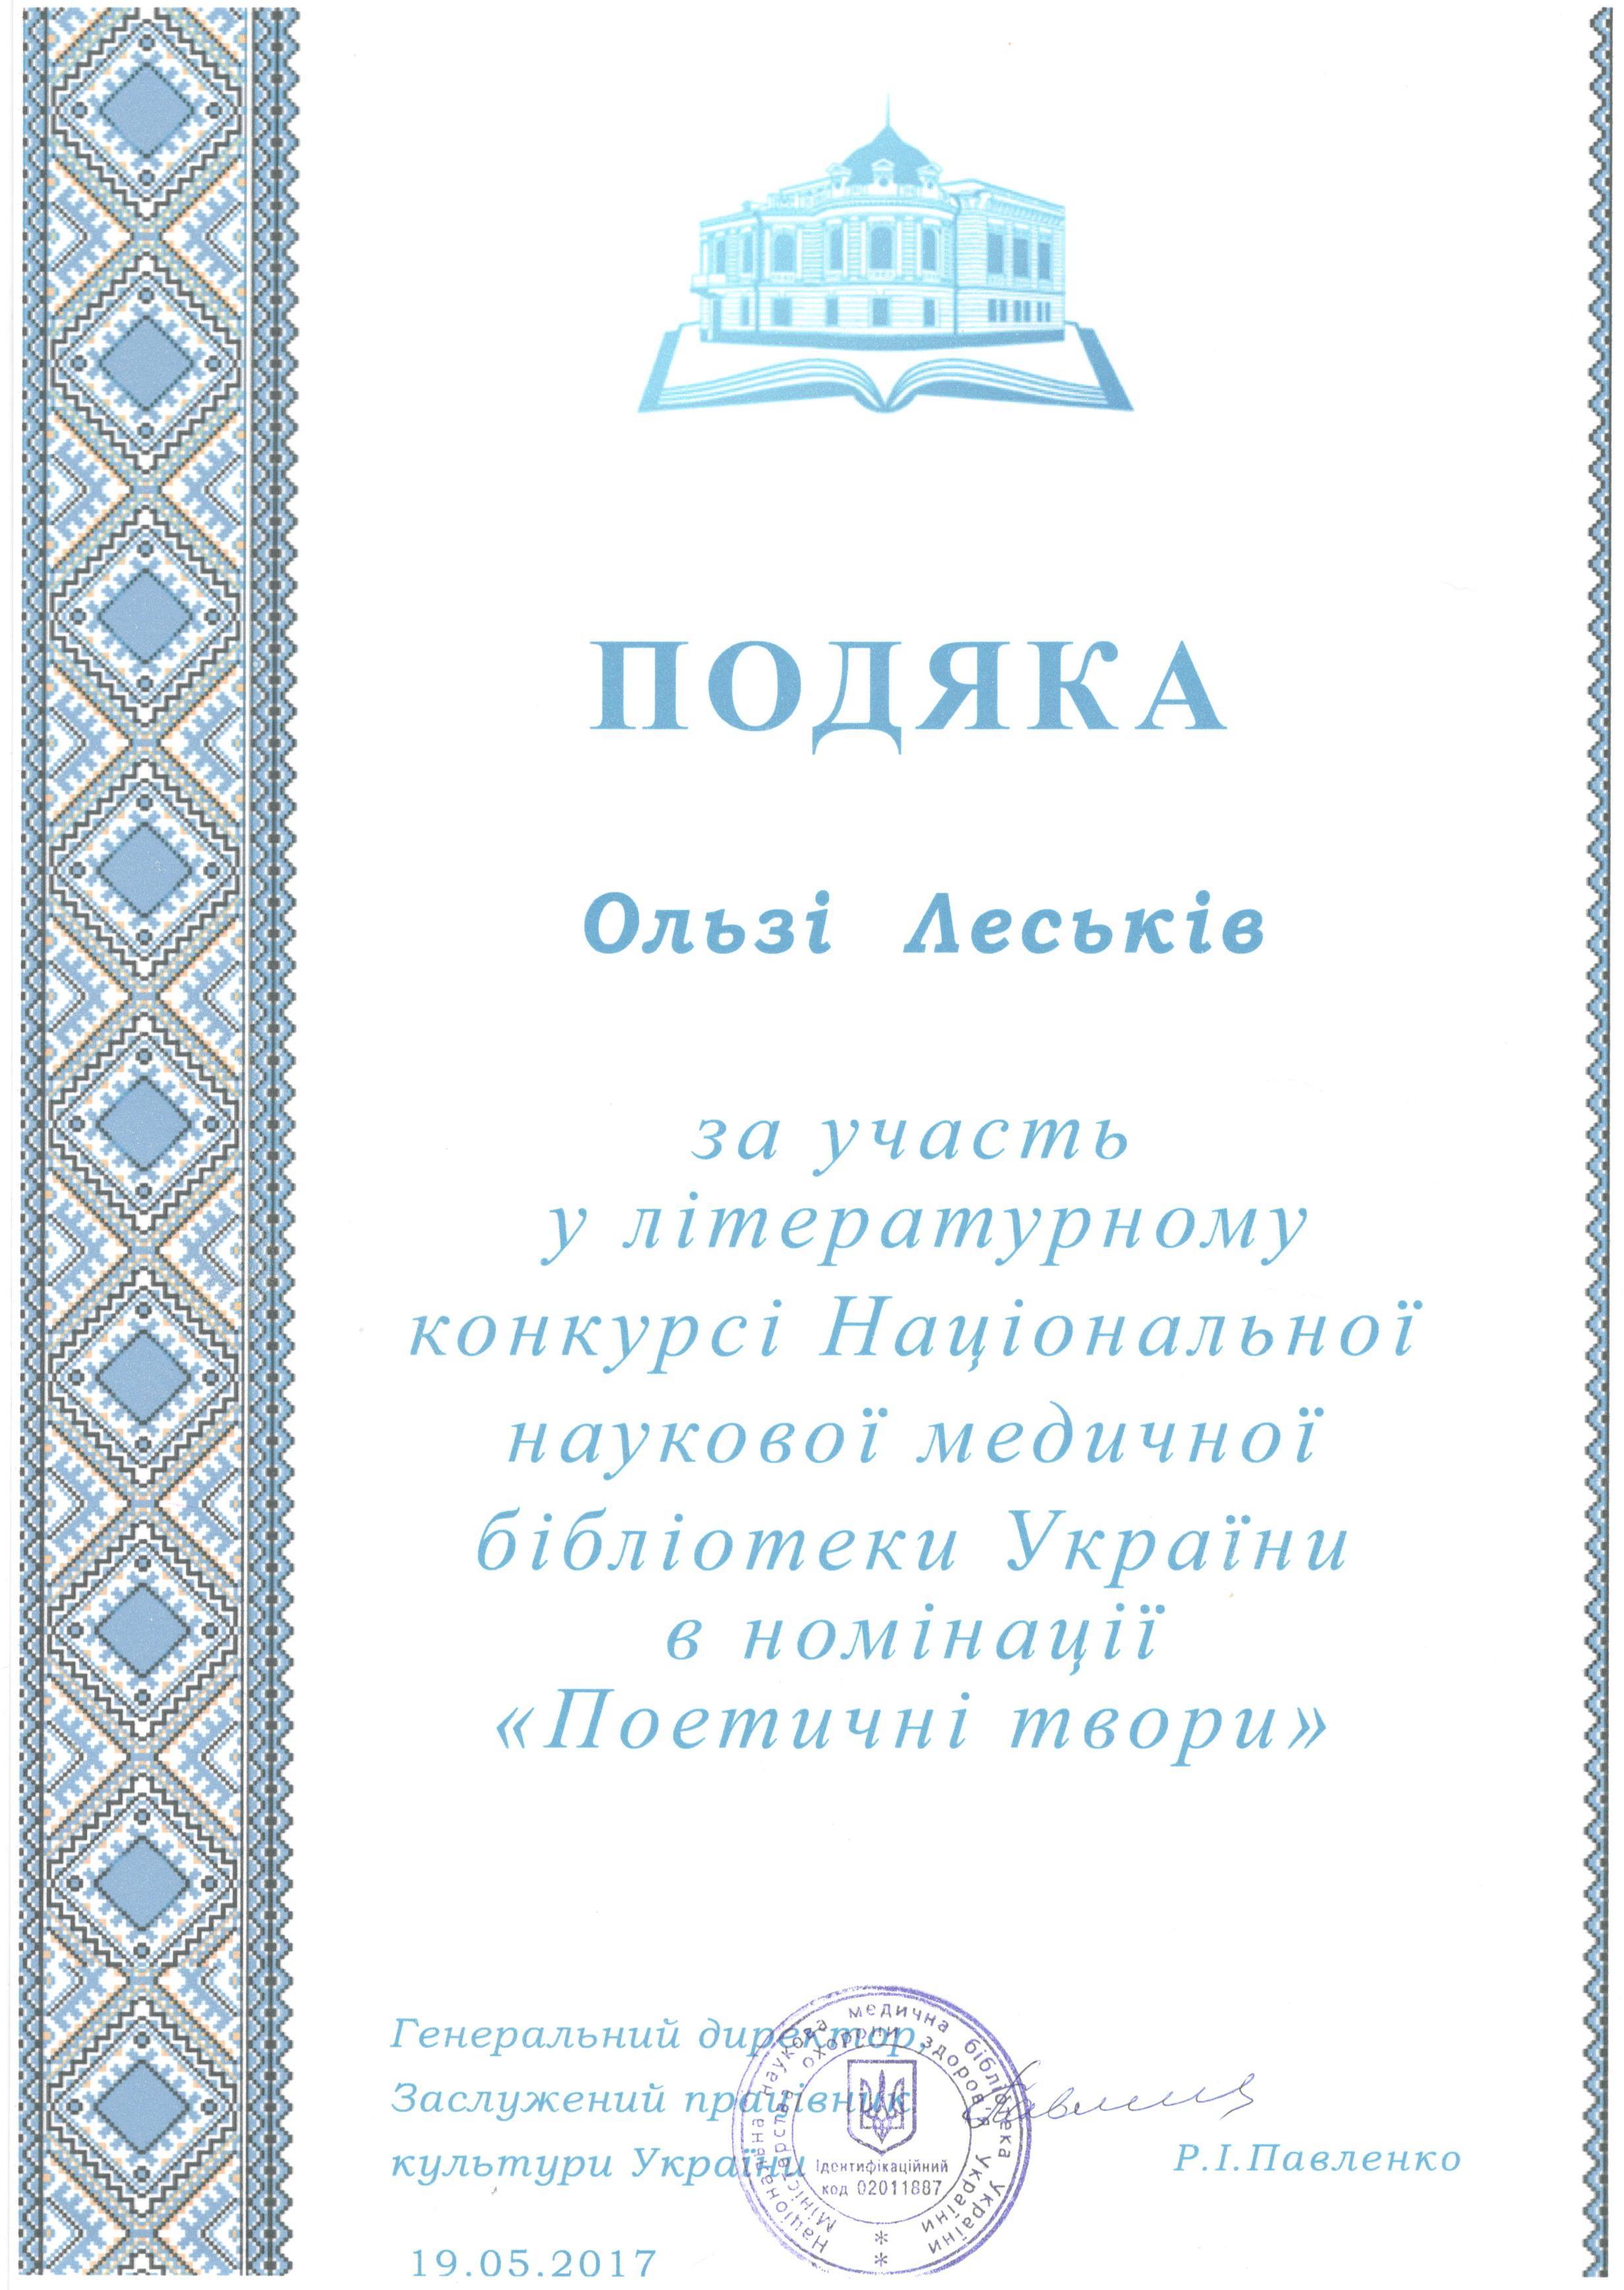 """Подяка за участь у літературному конкурсі у номінації """" Поетичні твори"""""""